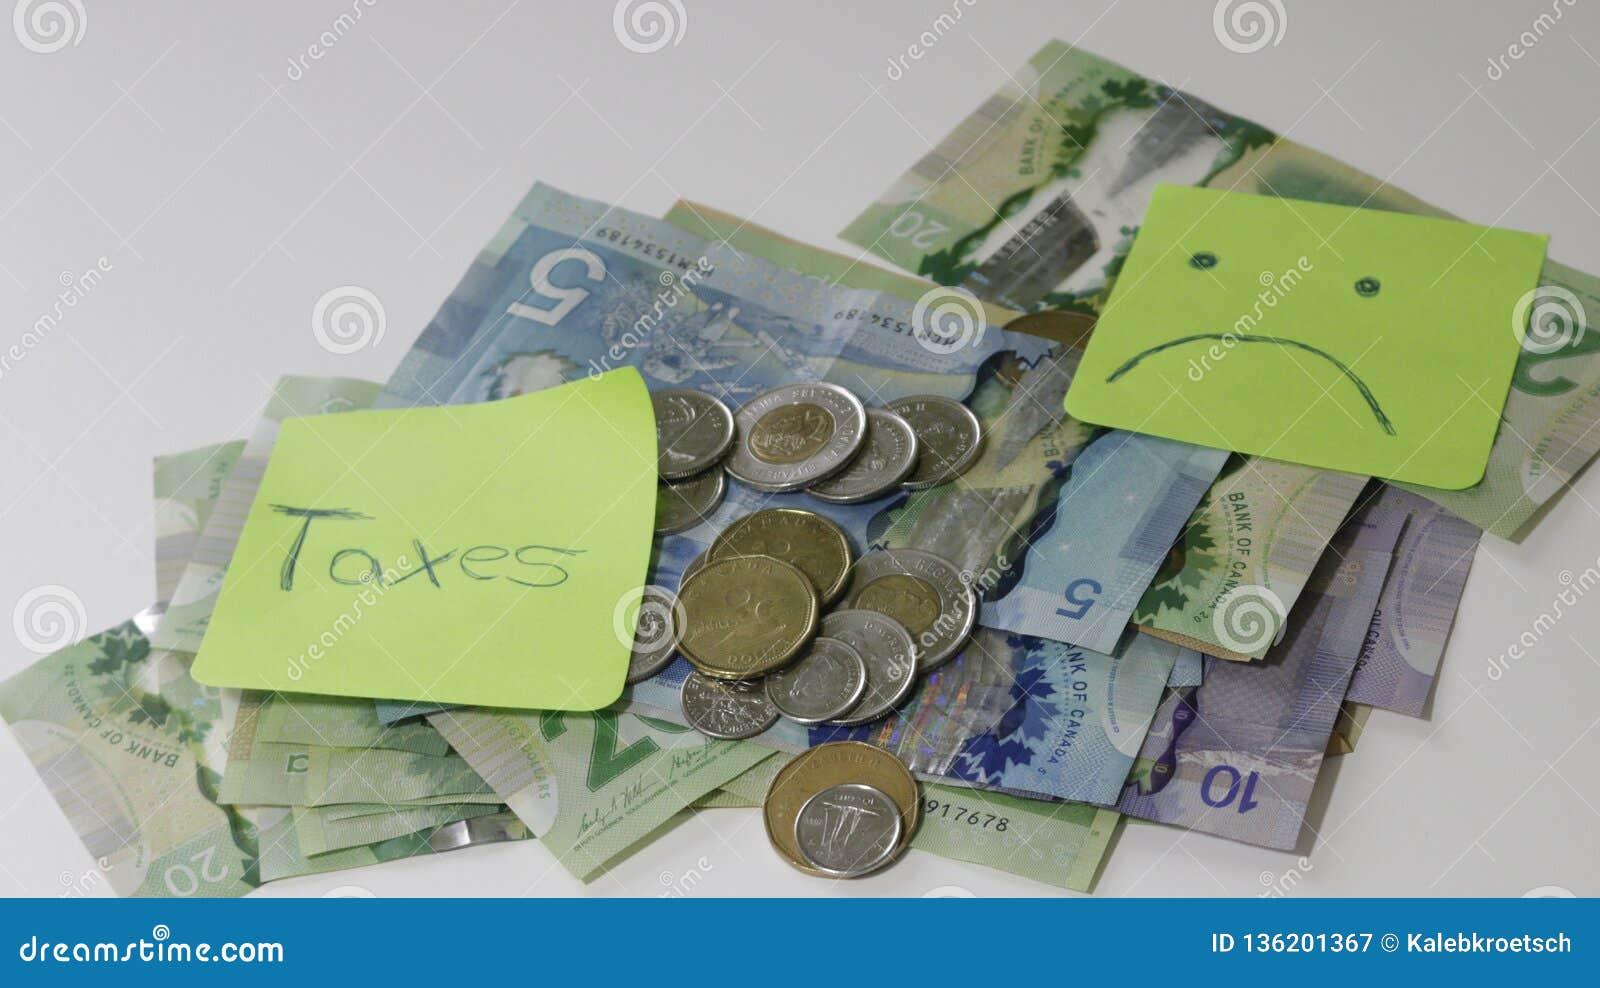 加拿大退还税金拼写与信件瓦片和加拿大元笔记